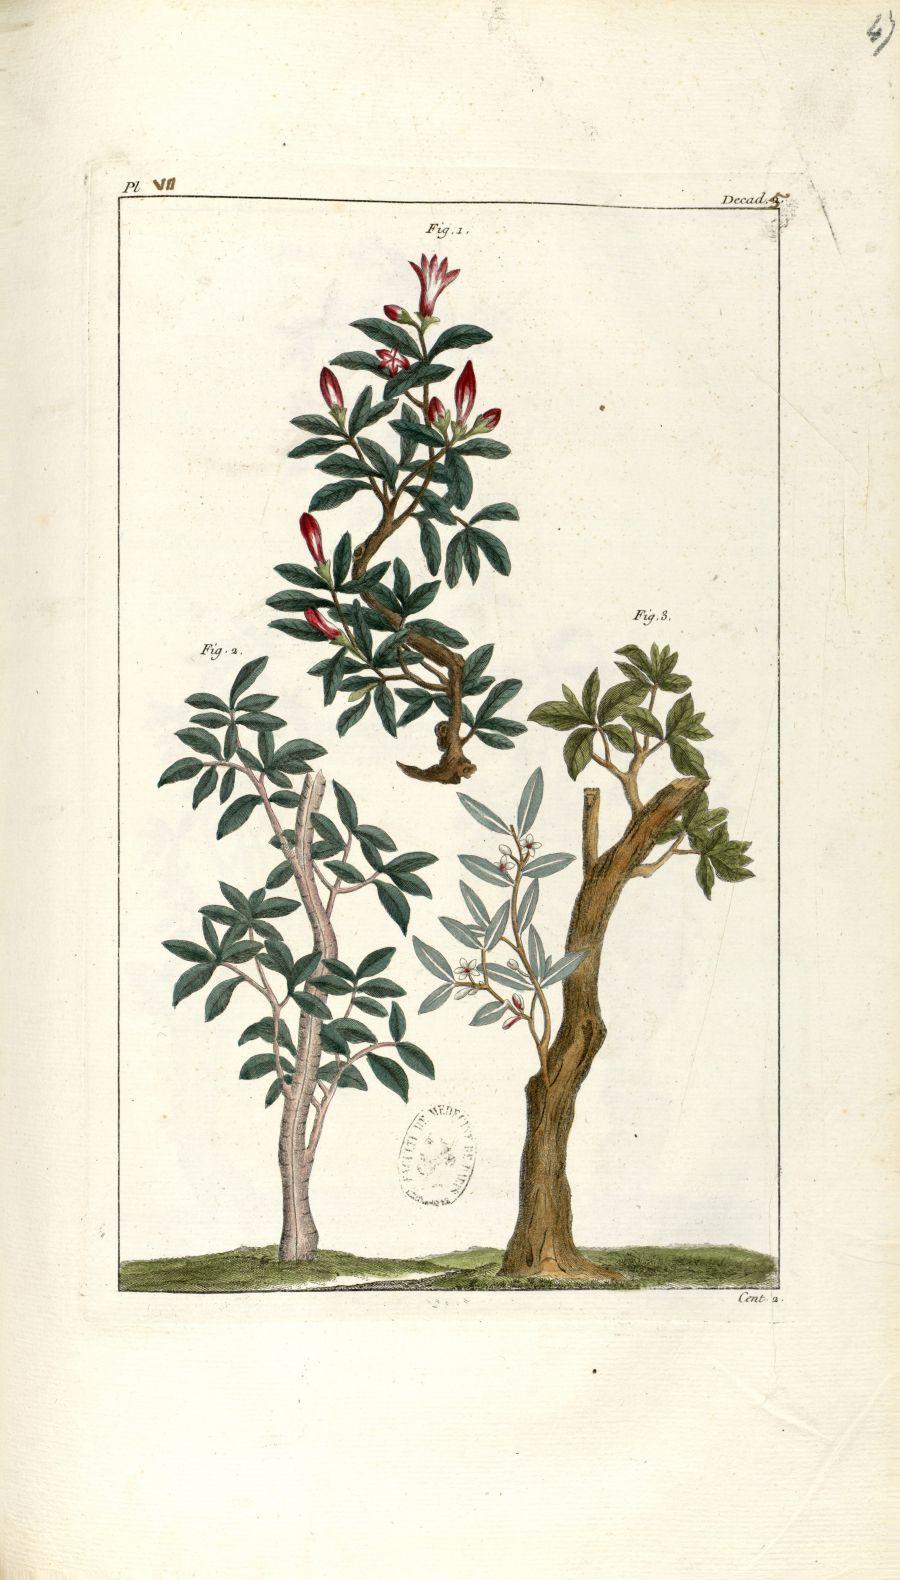 Planche VII. Decad. 5. Cent. 2 - Herbier ou collection des plantes médicinales de la Chine d'après u [...] - Botanique. Plantes (médecine). Chine. 18e siècle - med01989x0050